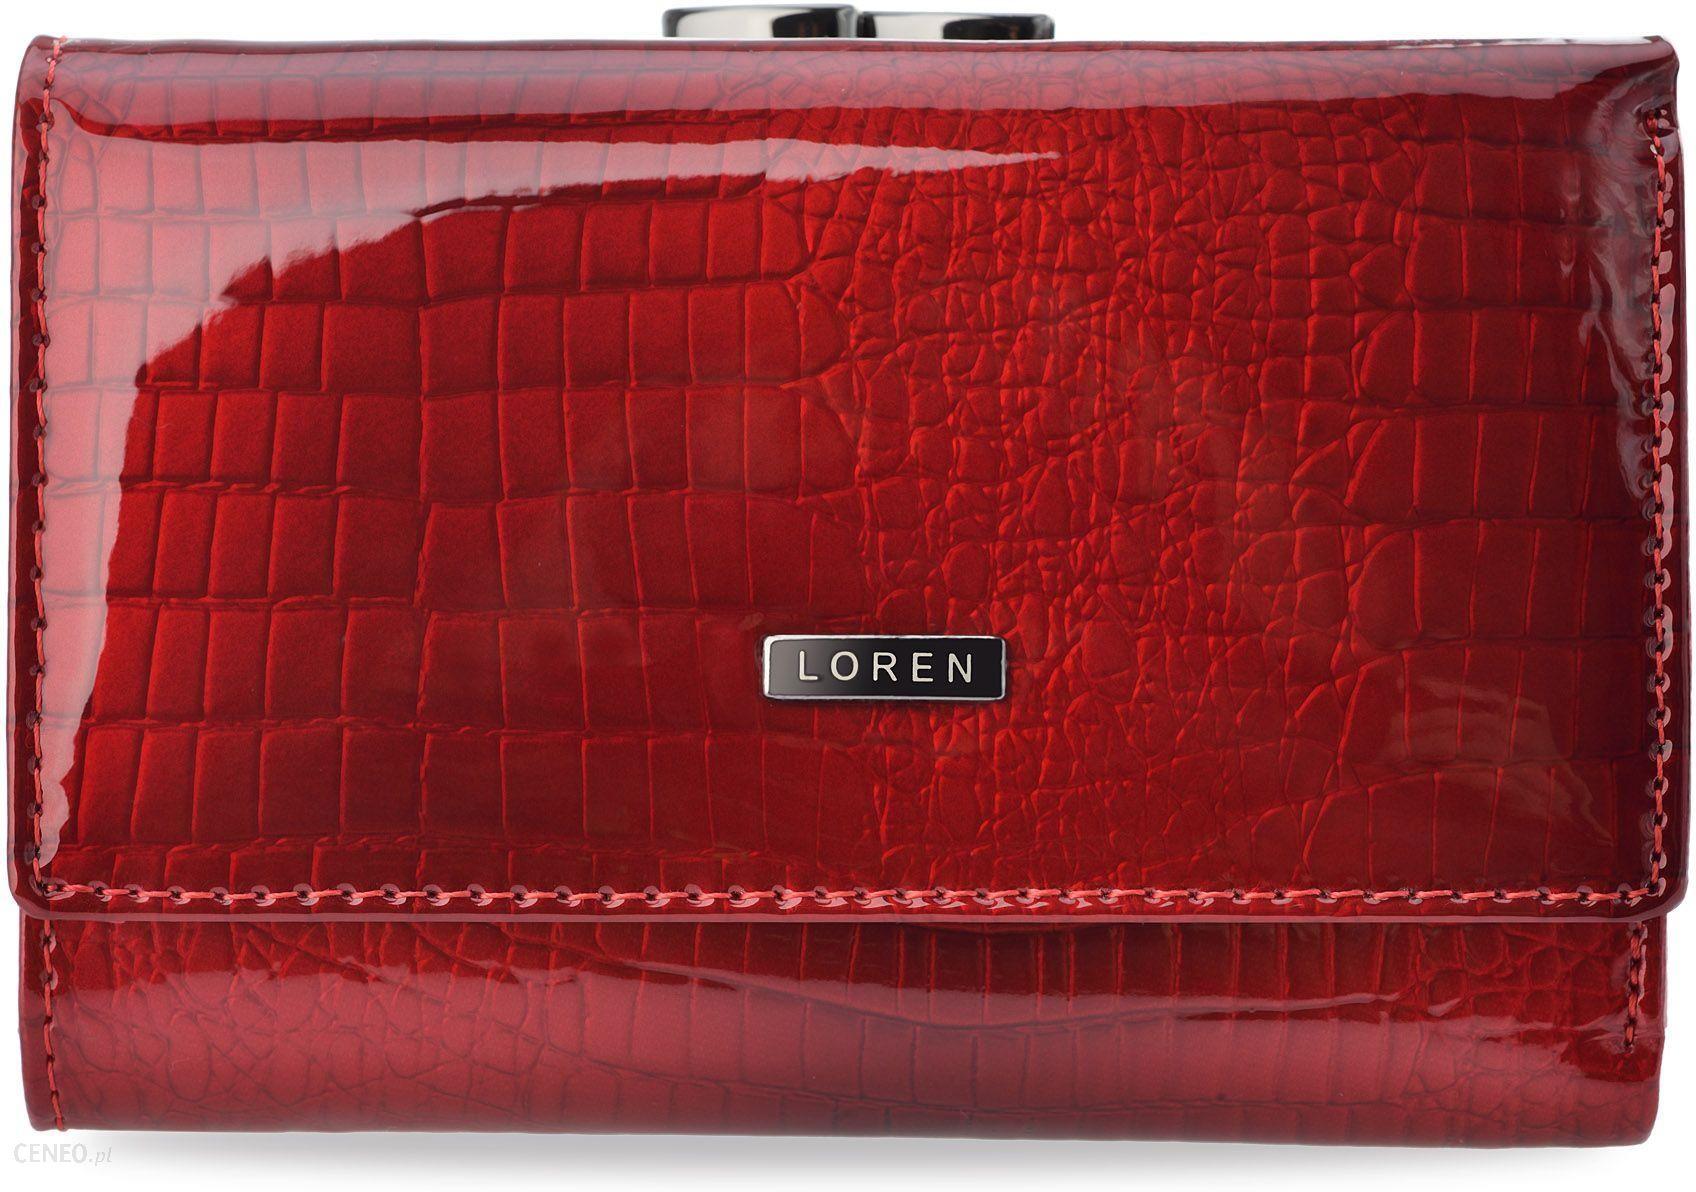 42d9c5c6b4968 Mały skórzany portfel damski lakierowany loren - czerwony - Ceny i ...